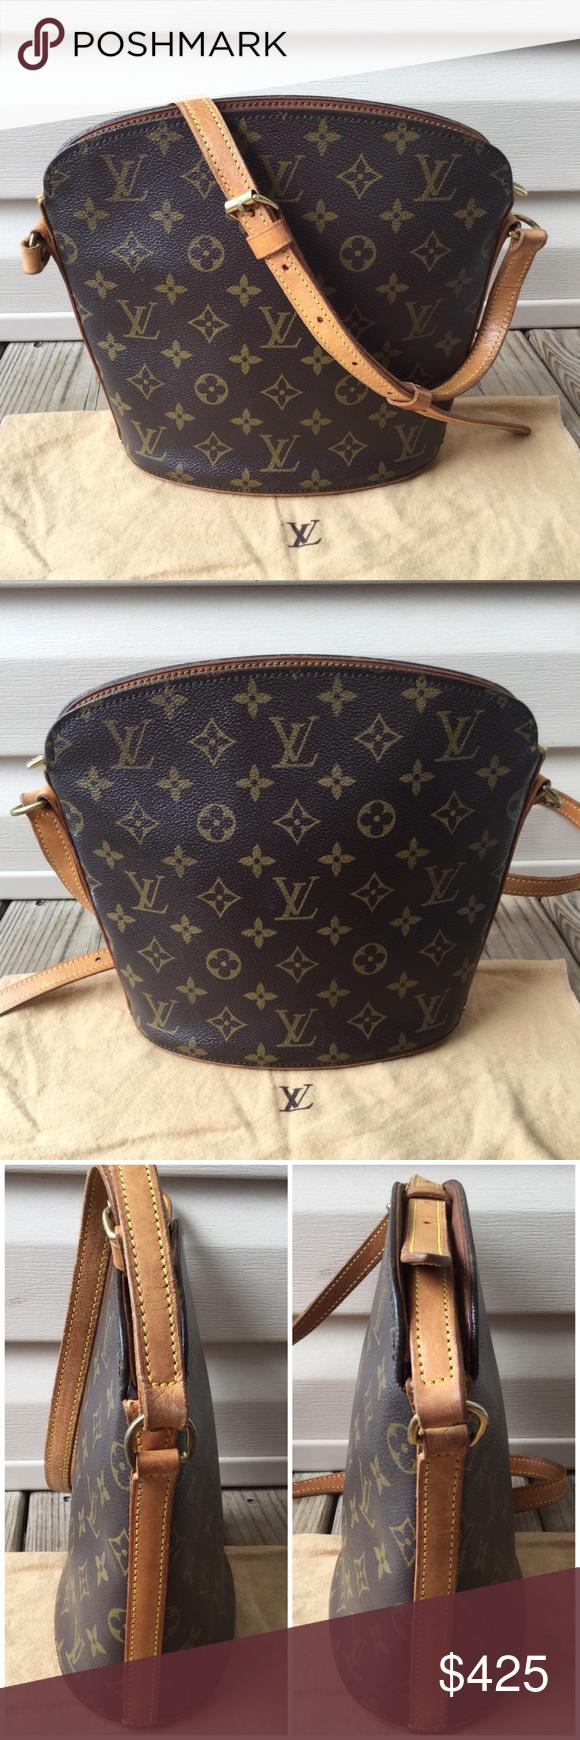 💯Authentic Louis Vuitton Drouot Crossbody Bag Authentic. Date code  VI  0966 3903cd2814c7